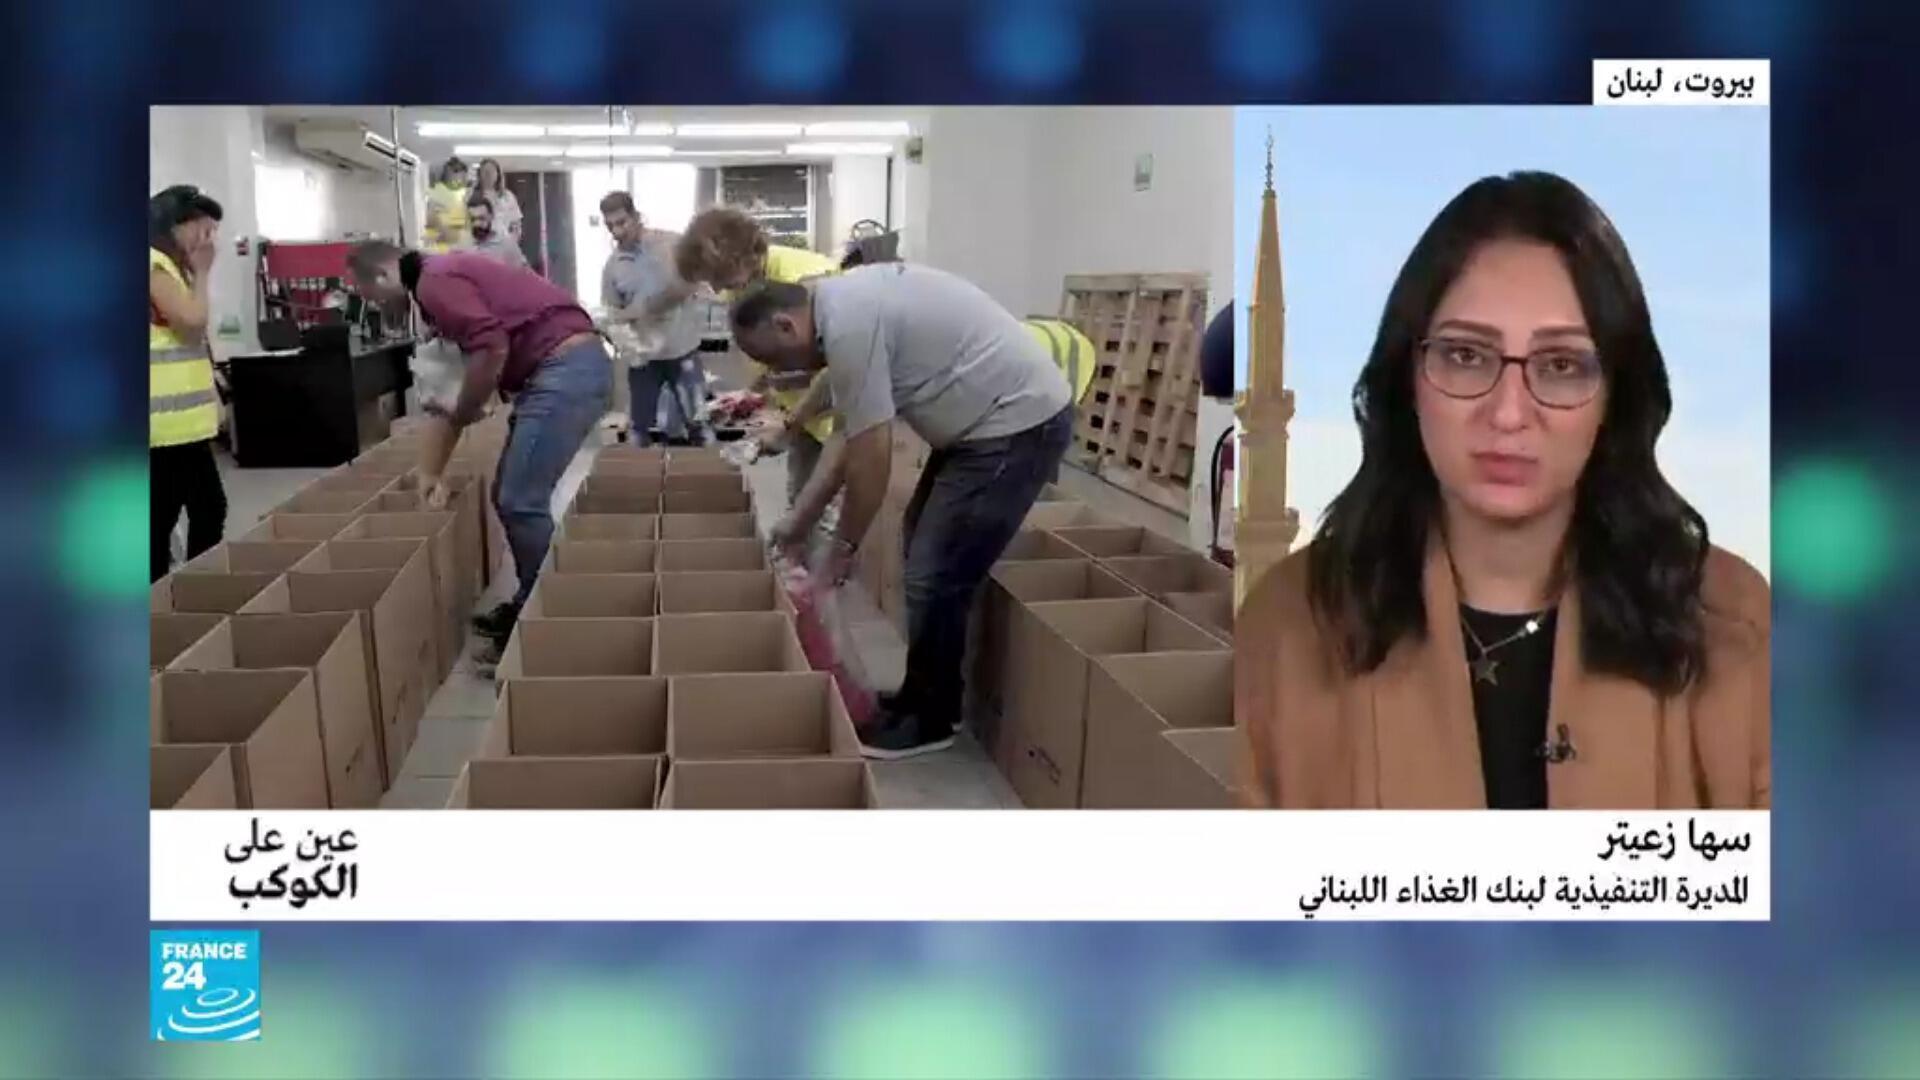 بنك الغذاء اللبناني لمحاربة الجوع المتزايد بسبب الأزمة